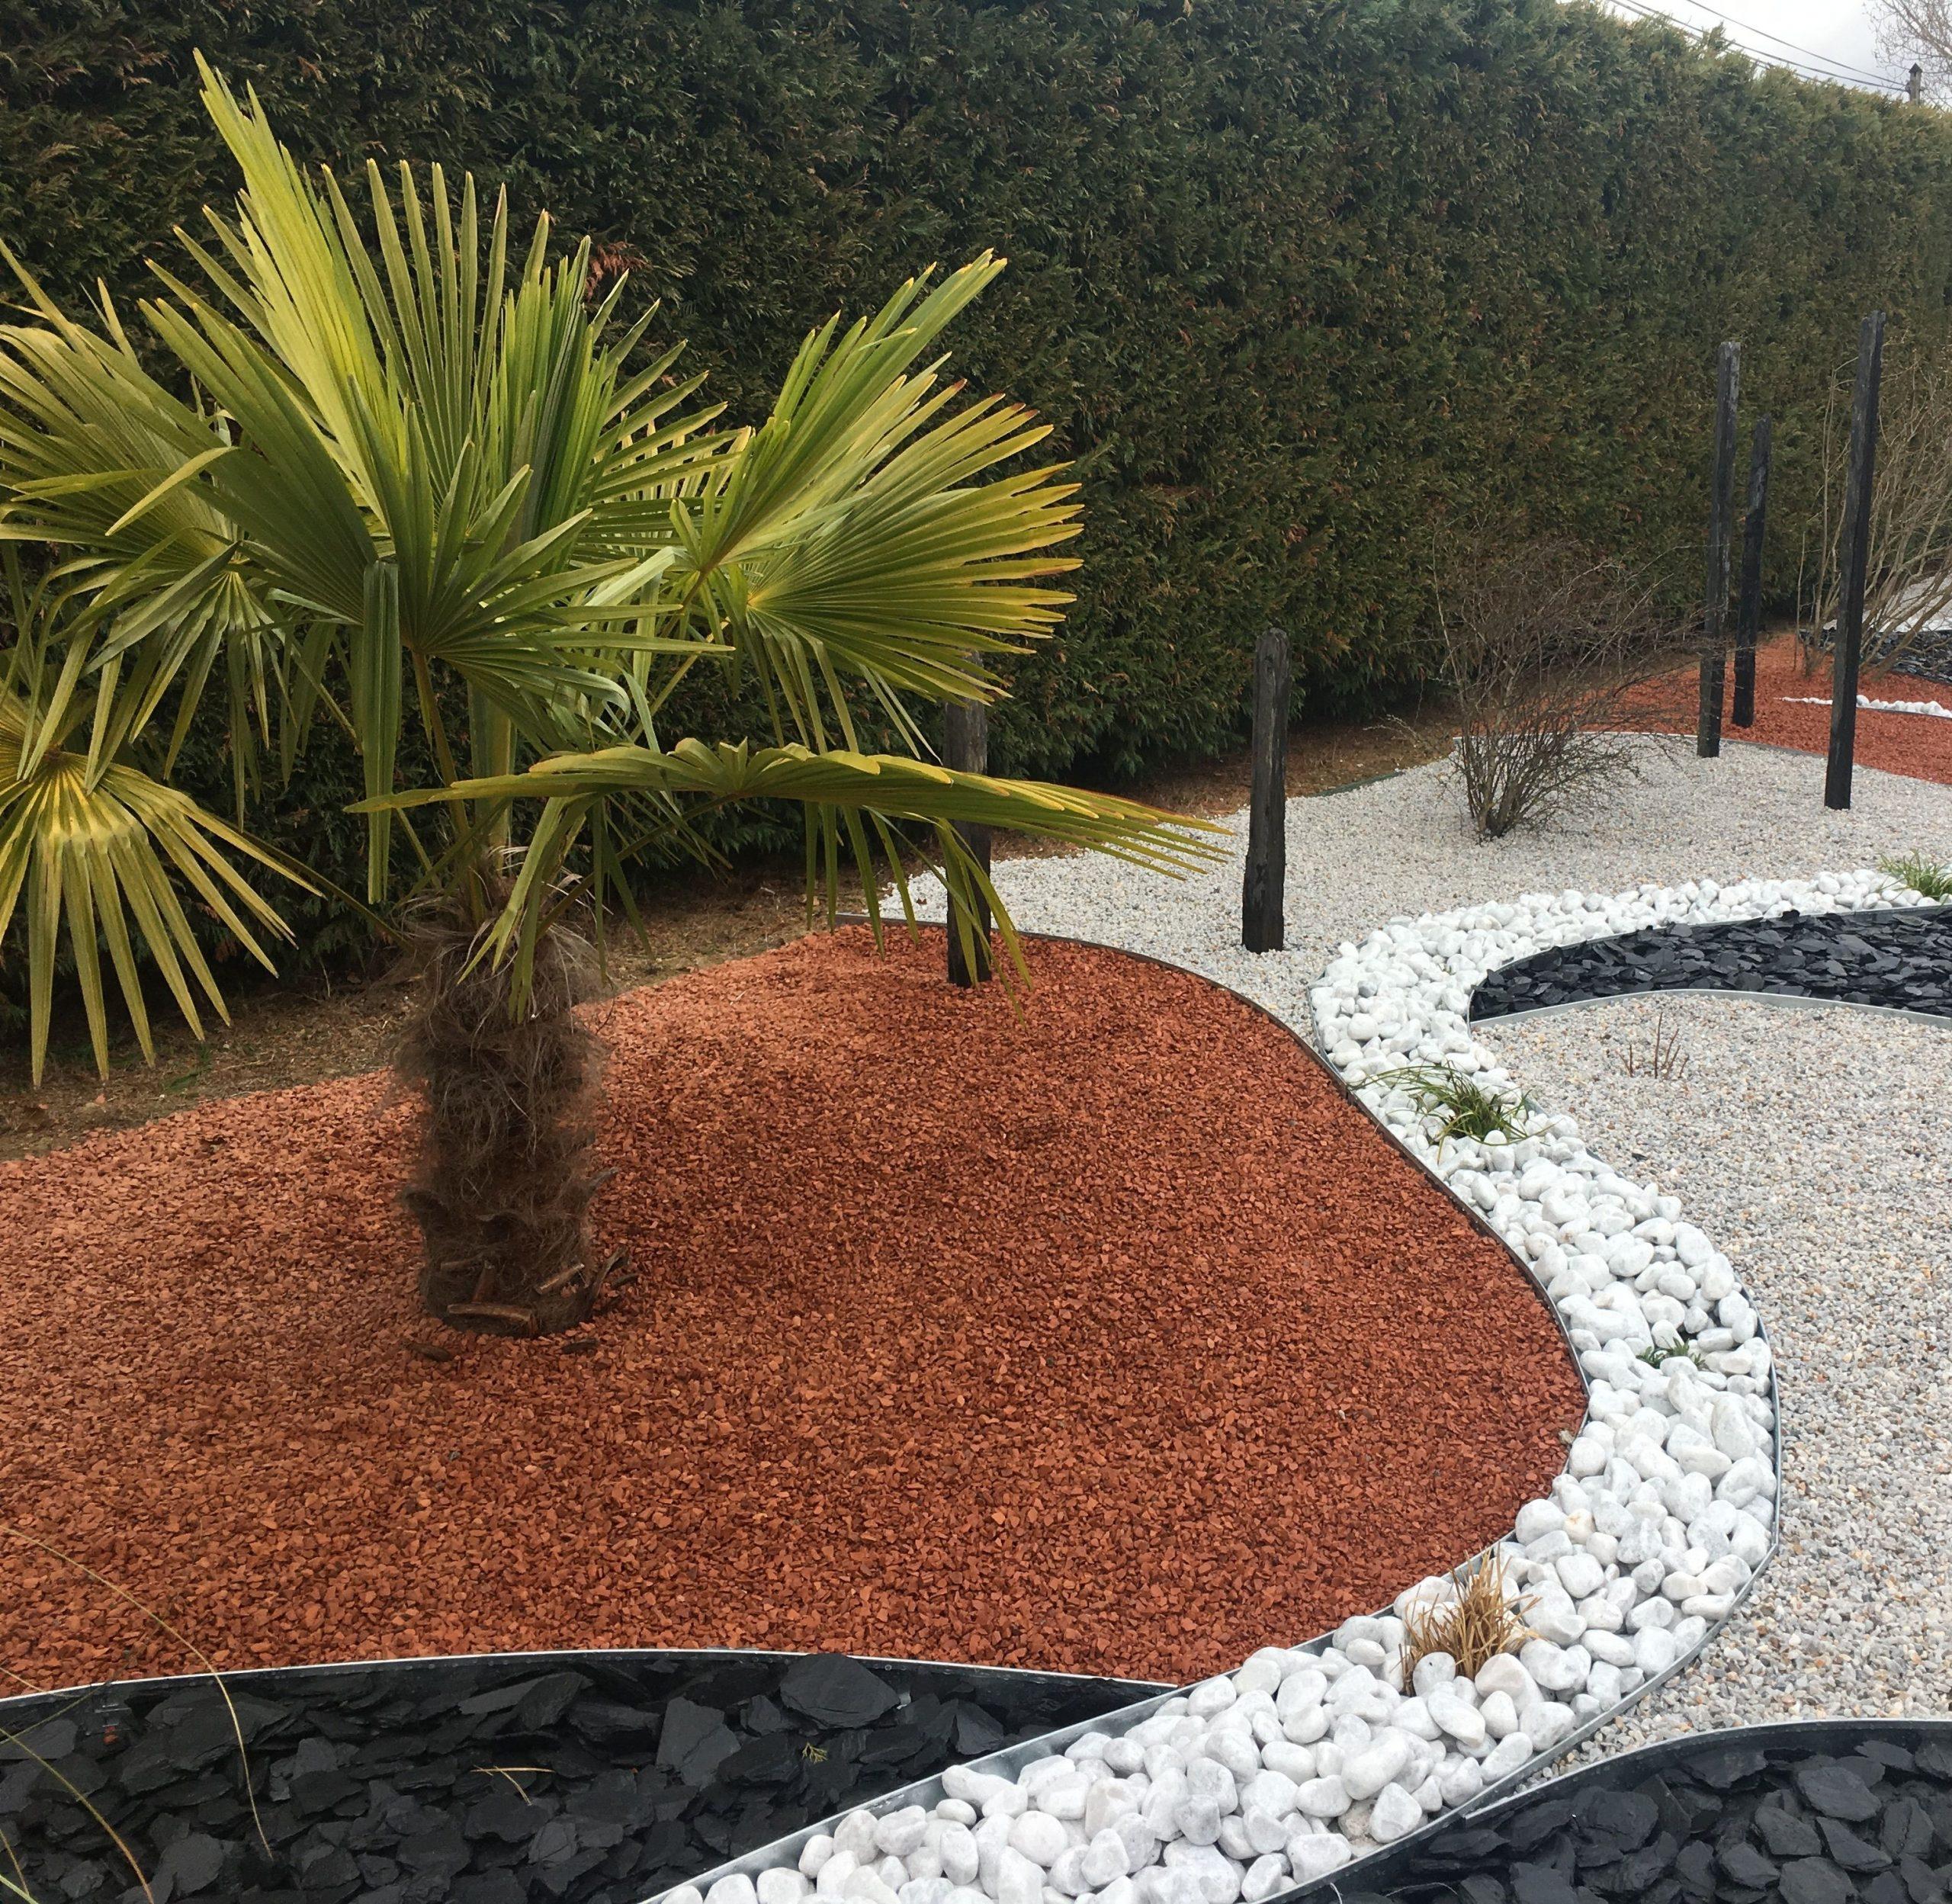 Aménagement Minéral: Schiste / Paillettes Ardoise / Galets ... avec Jardin Paysager Avec Galets